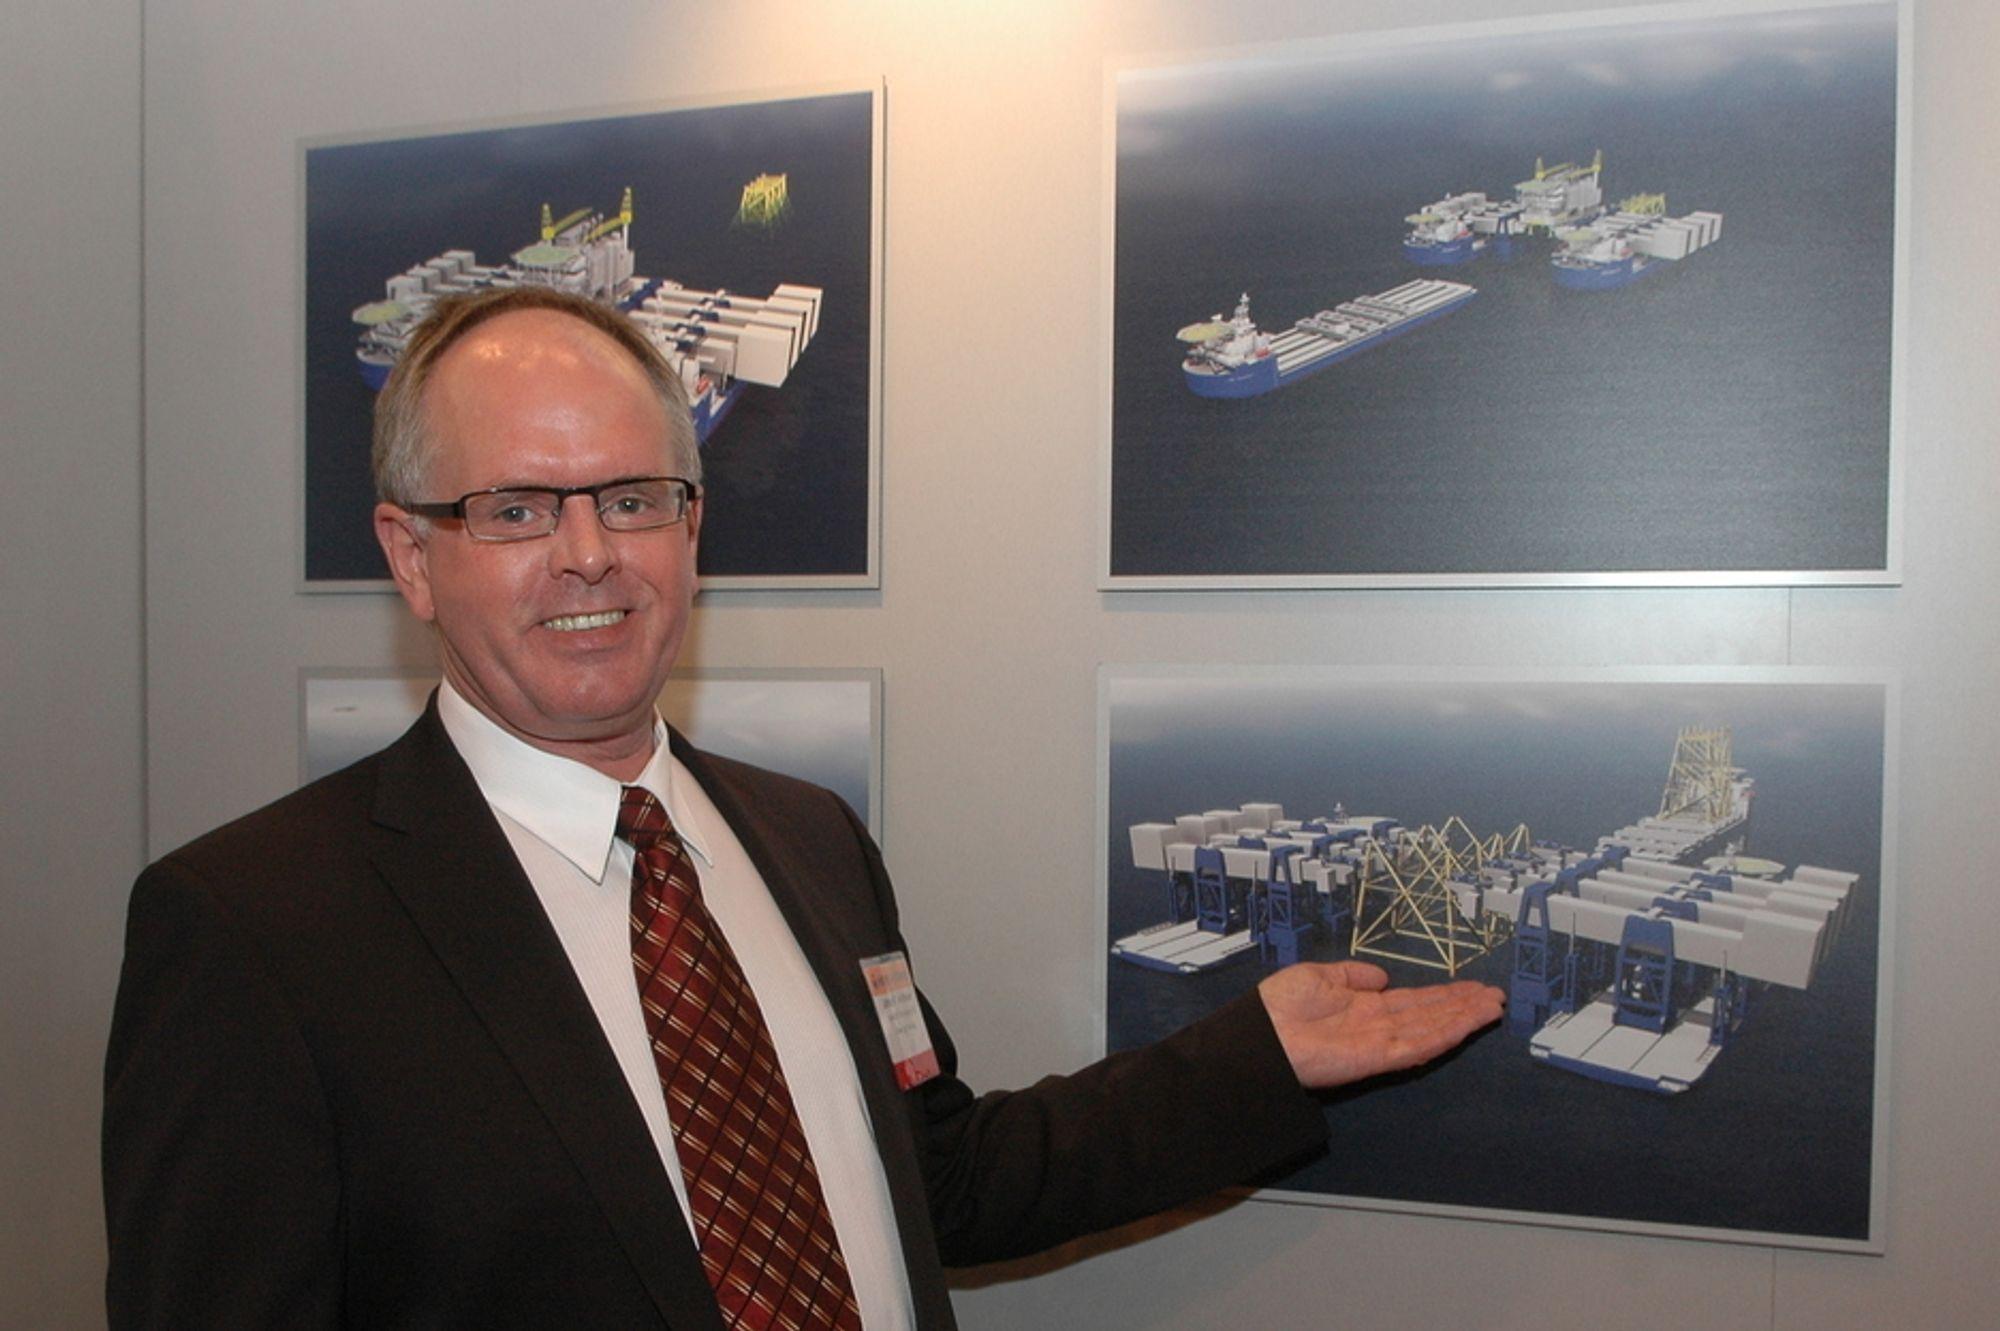 EN HALV MILLIARD: Administrerende direktør Johan F. Andresen er på jakt etter 100 millioner dollar, eller en halv milliard kroner for å sikre finansieringen av de tre løftefartøyene.